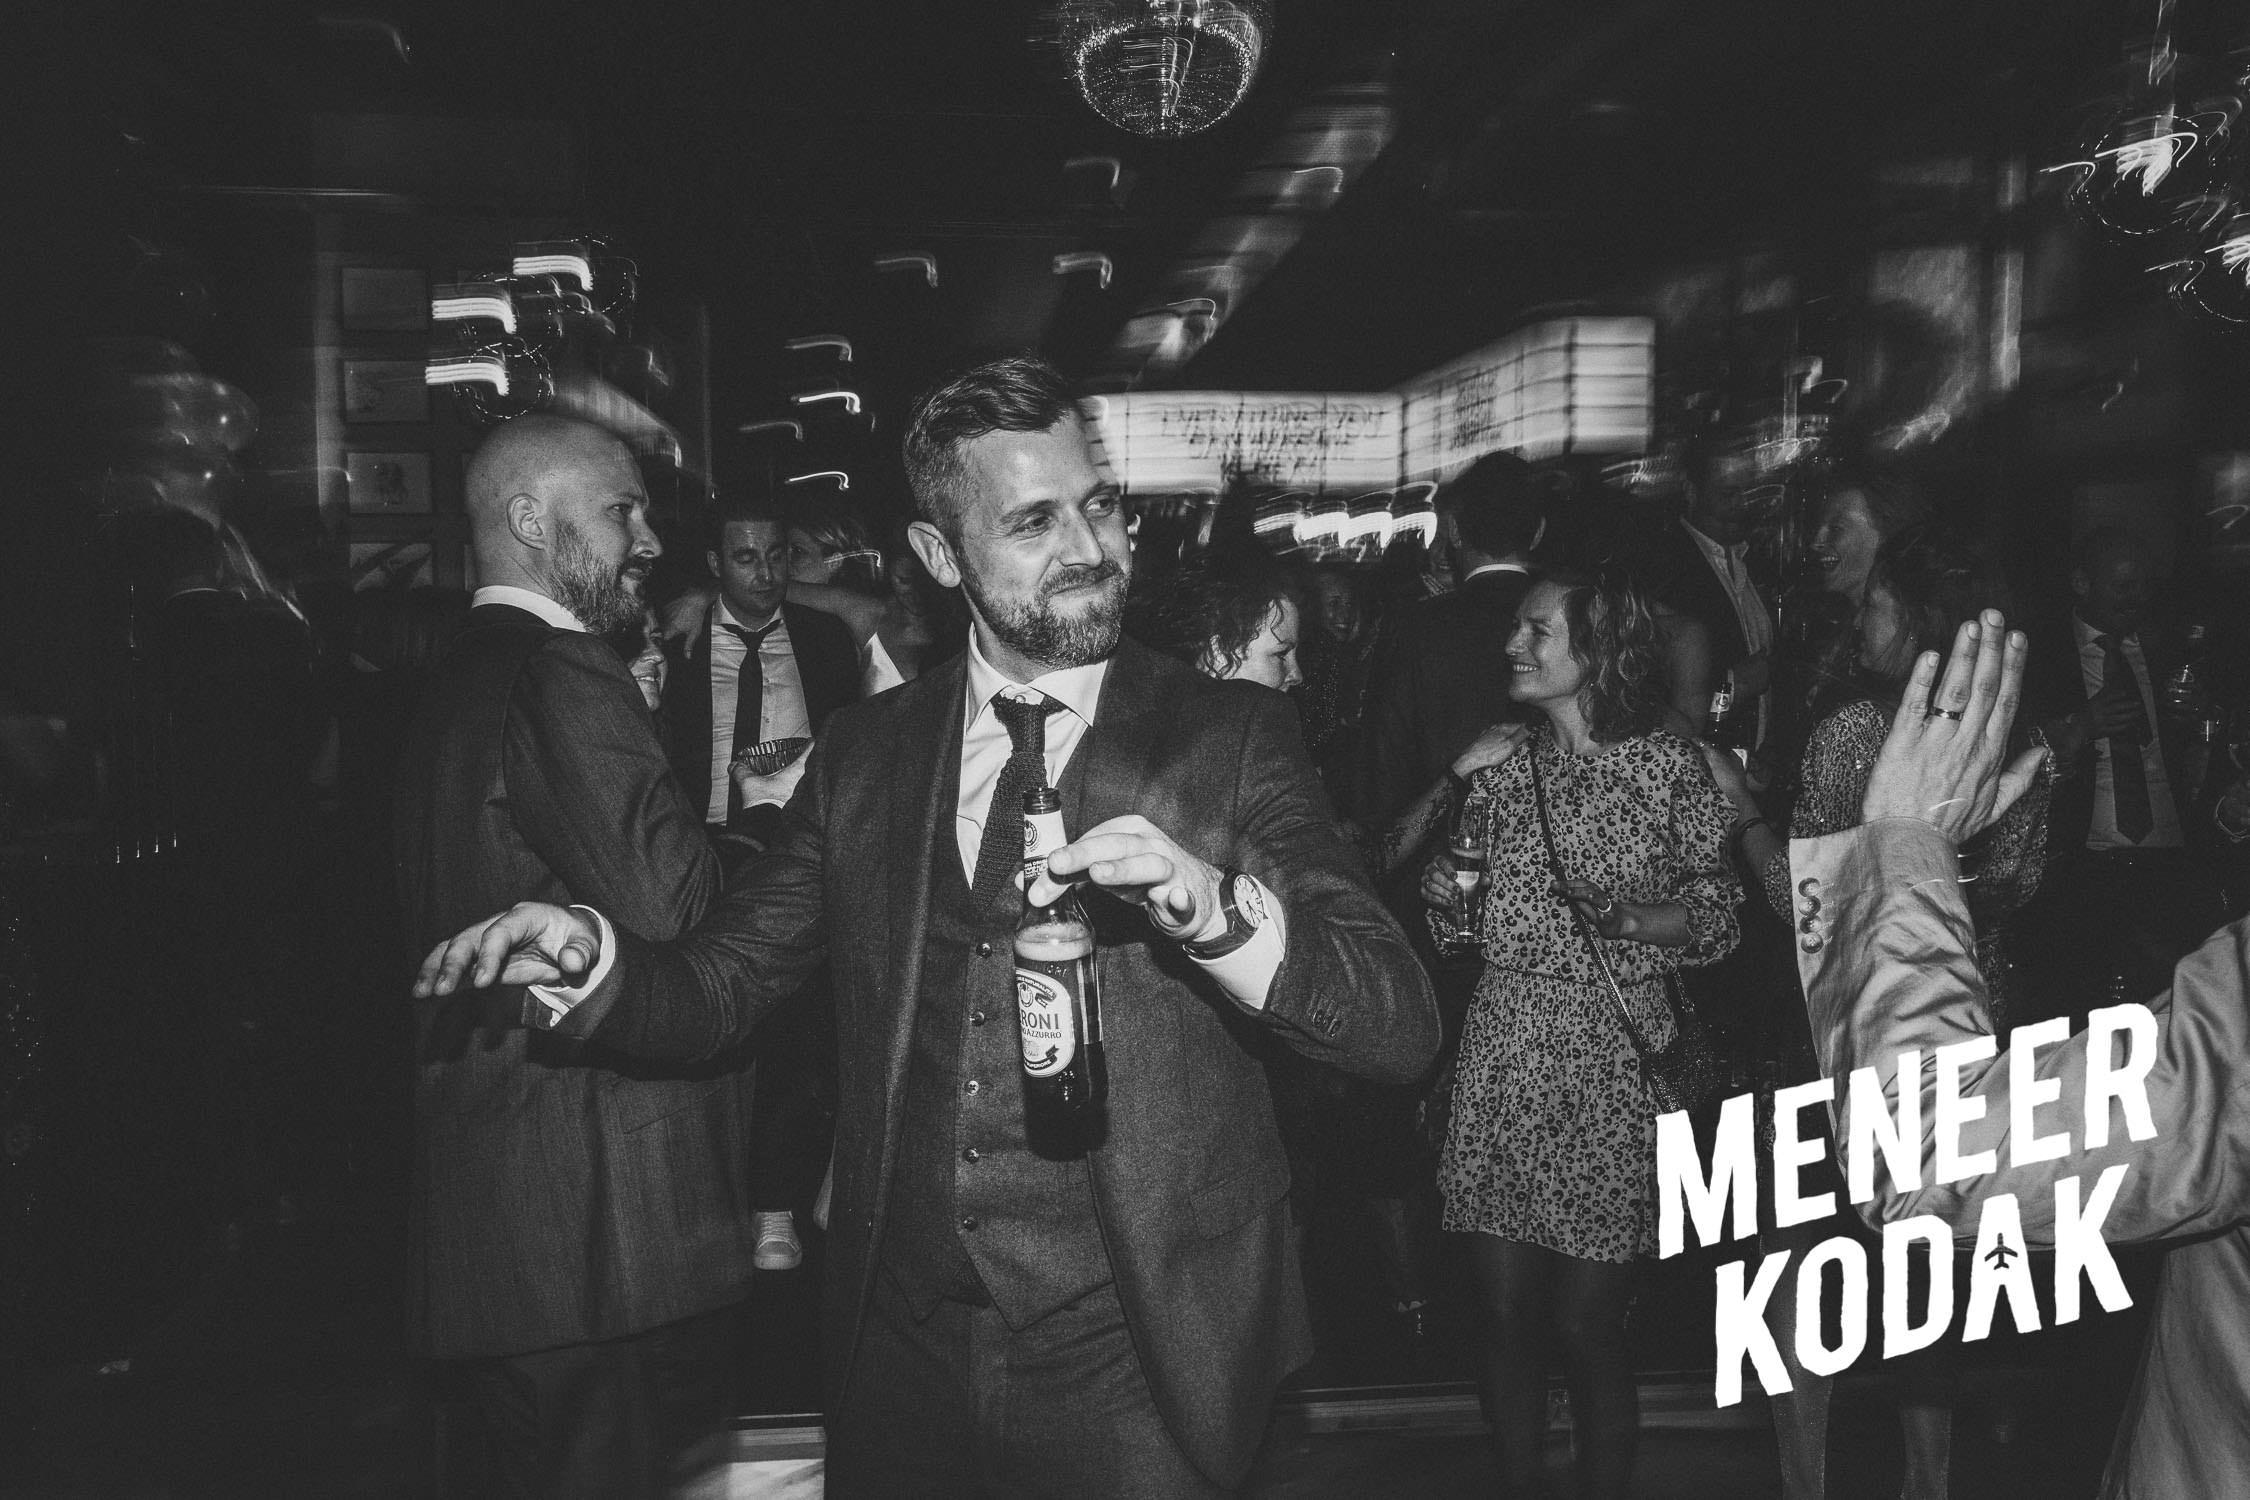 Meneer Kodak - Bruidsfotograaf - Breda - S&R-098.jpg